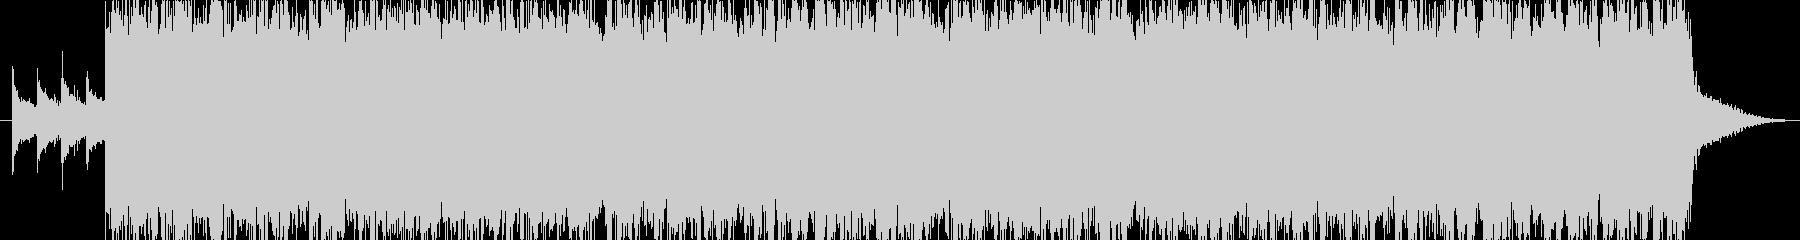 トーク用BGM(爽快でノリのいいロック)の未再生の波形